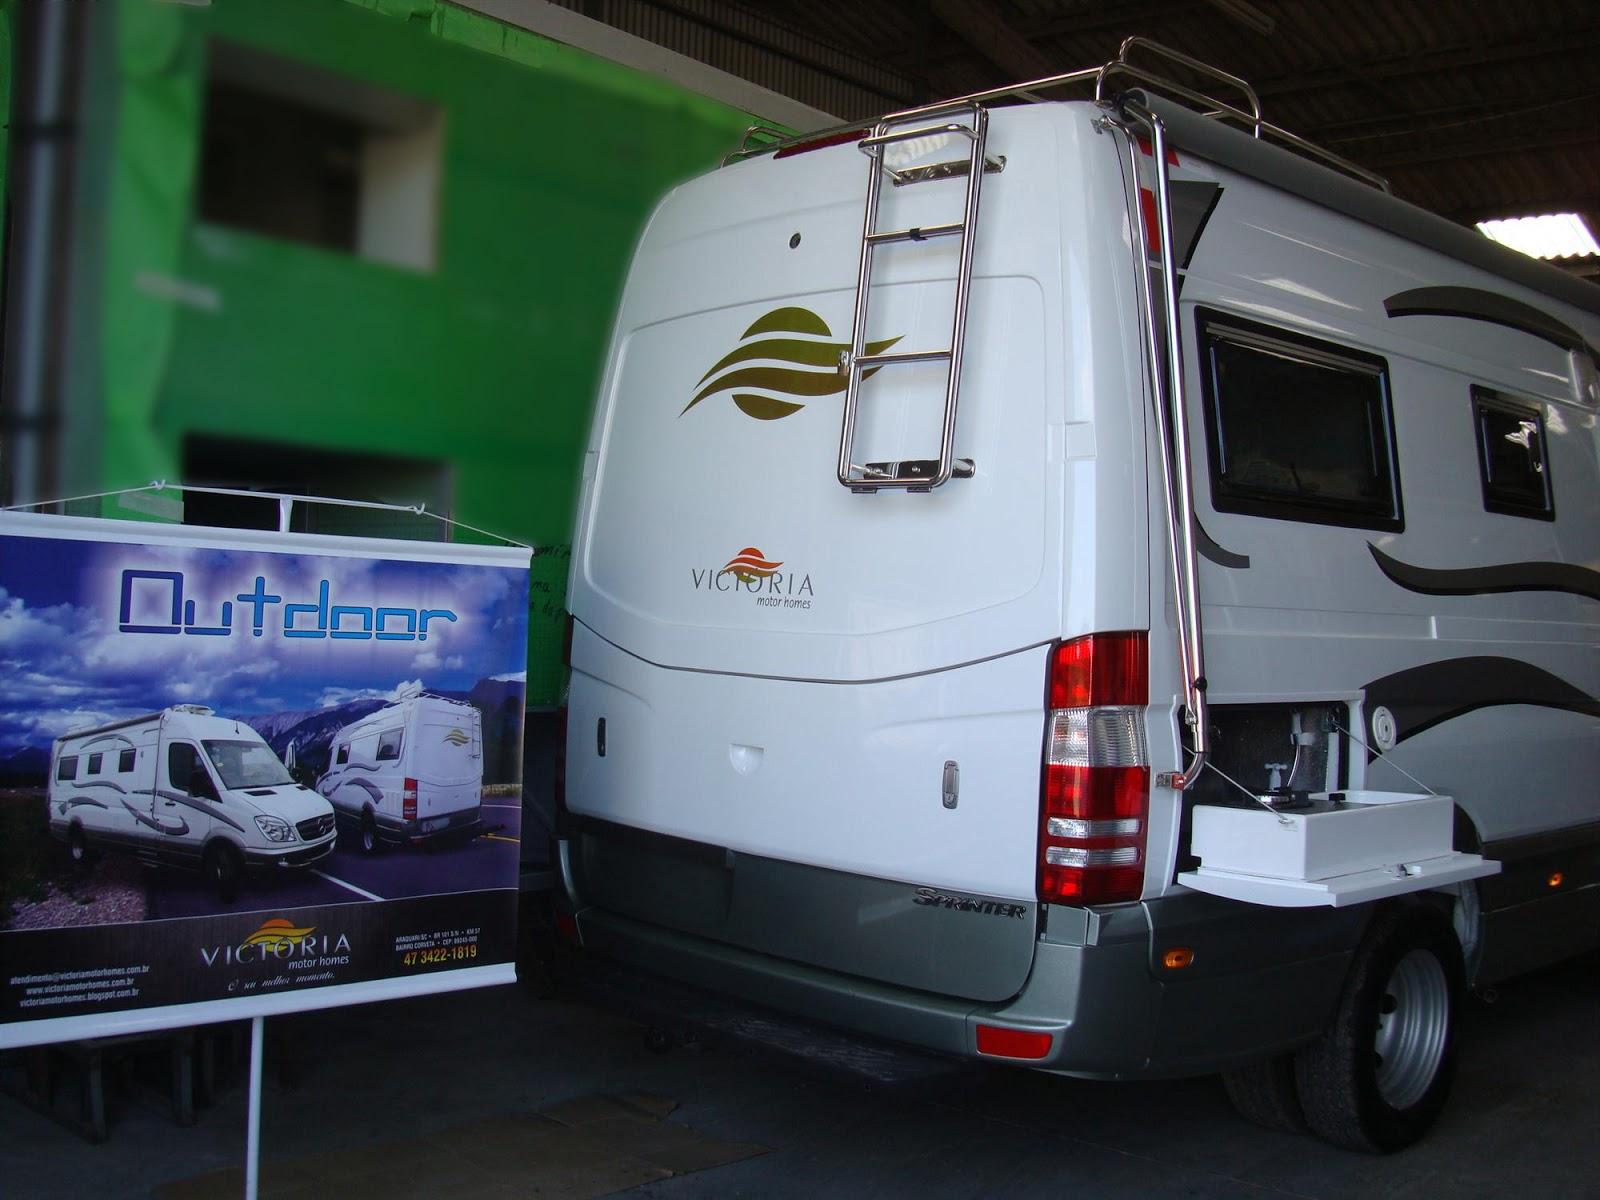 Original MotorhomeTrailerVeiculos Especiais Cabine Suplem  Caminhes Nibus E Vans